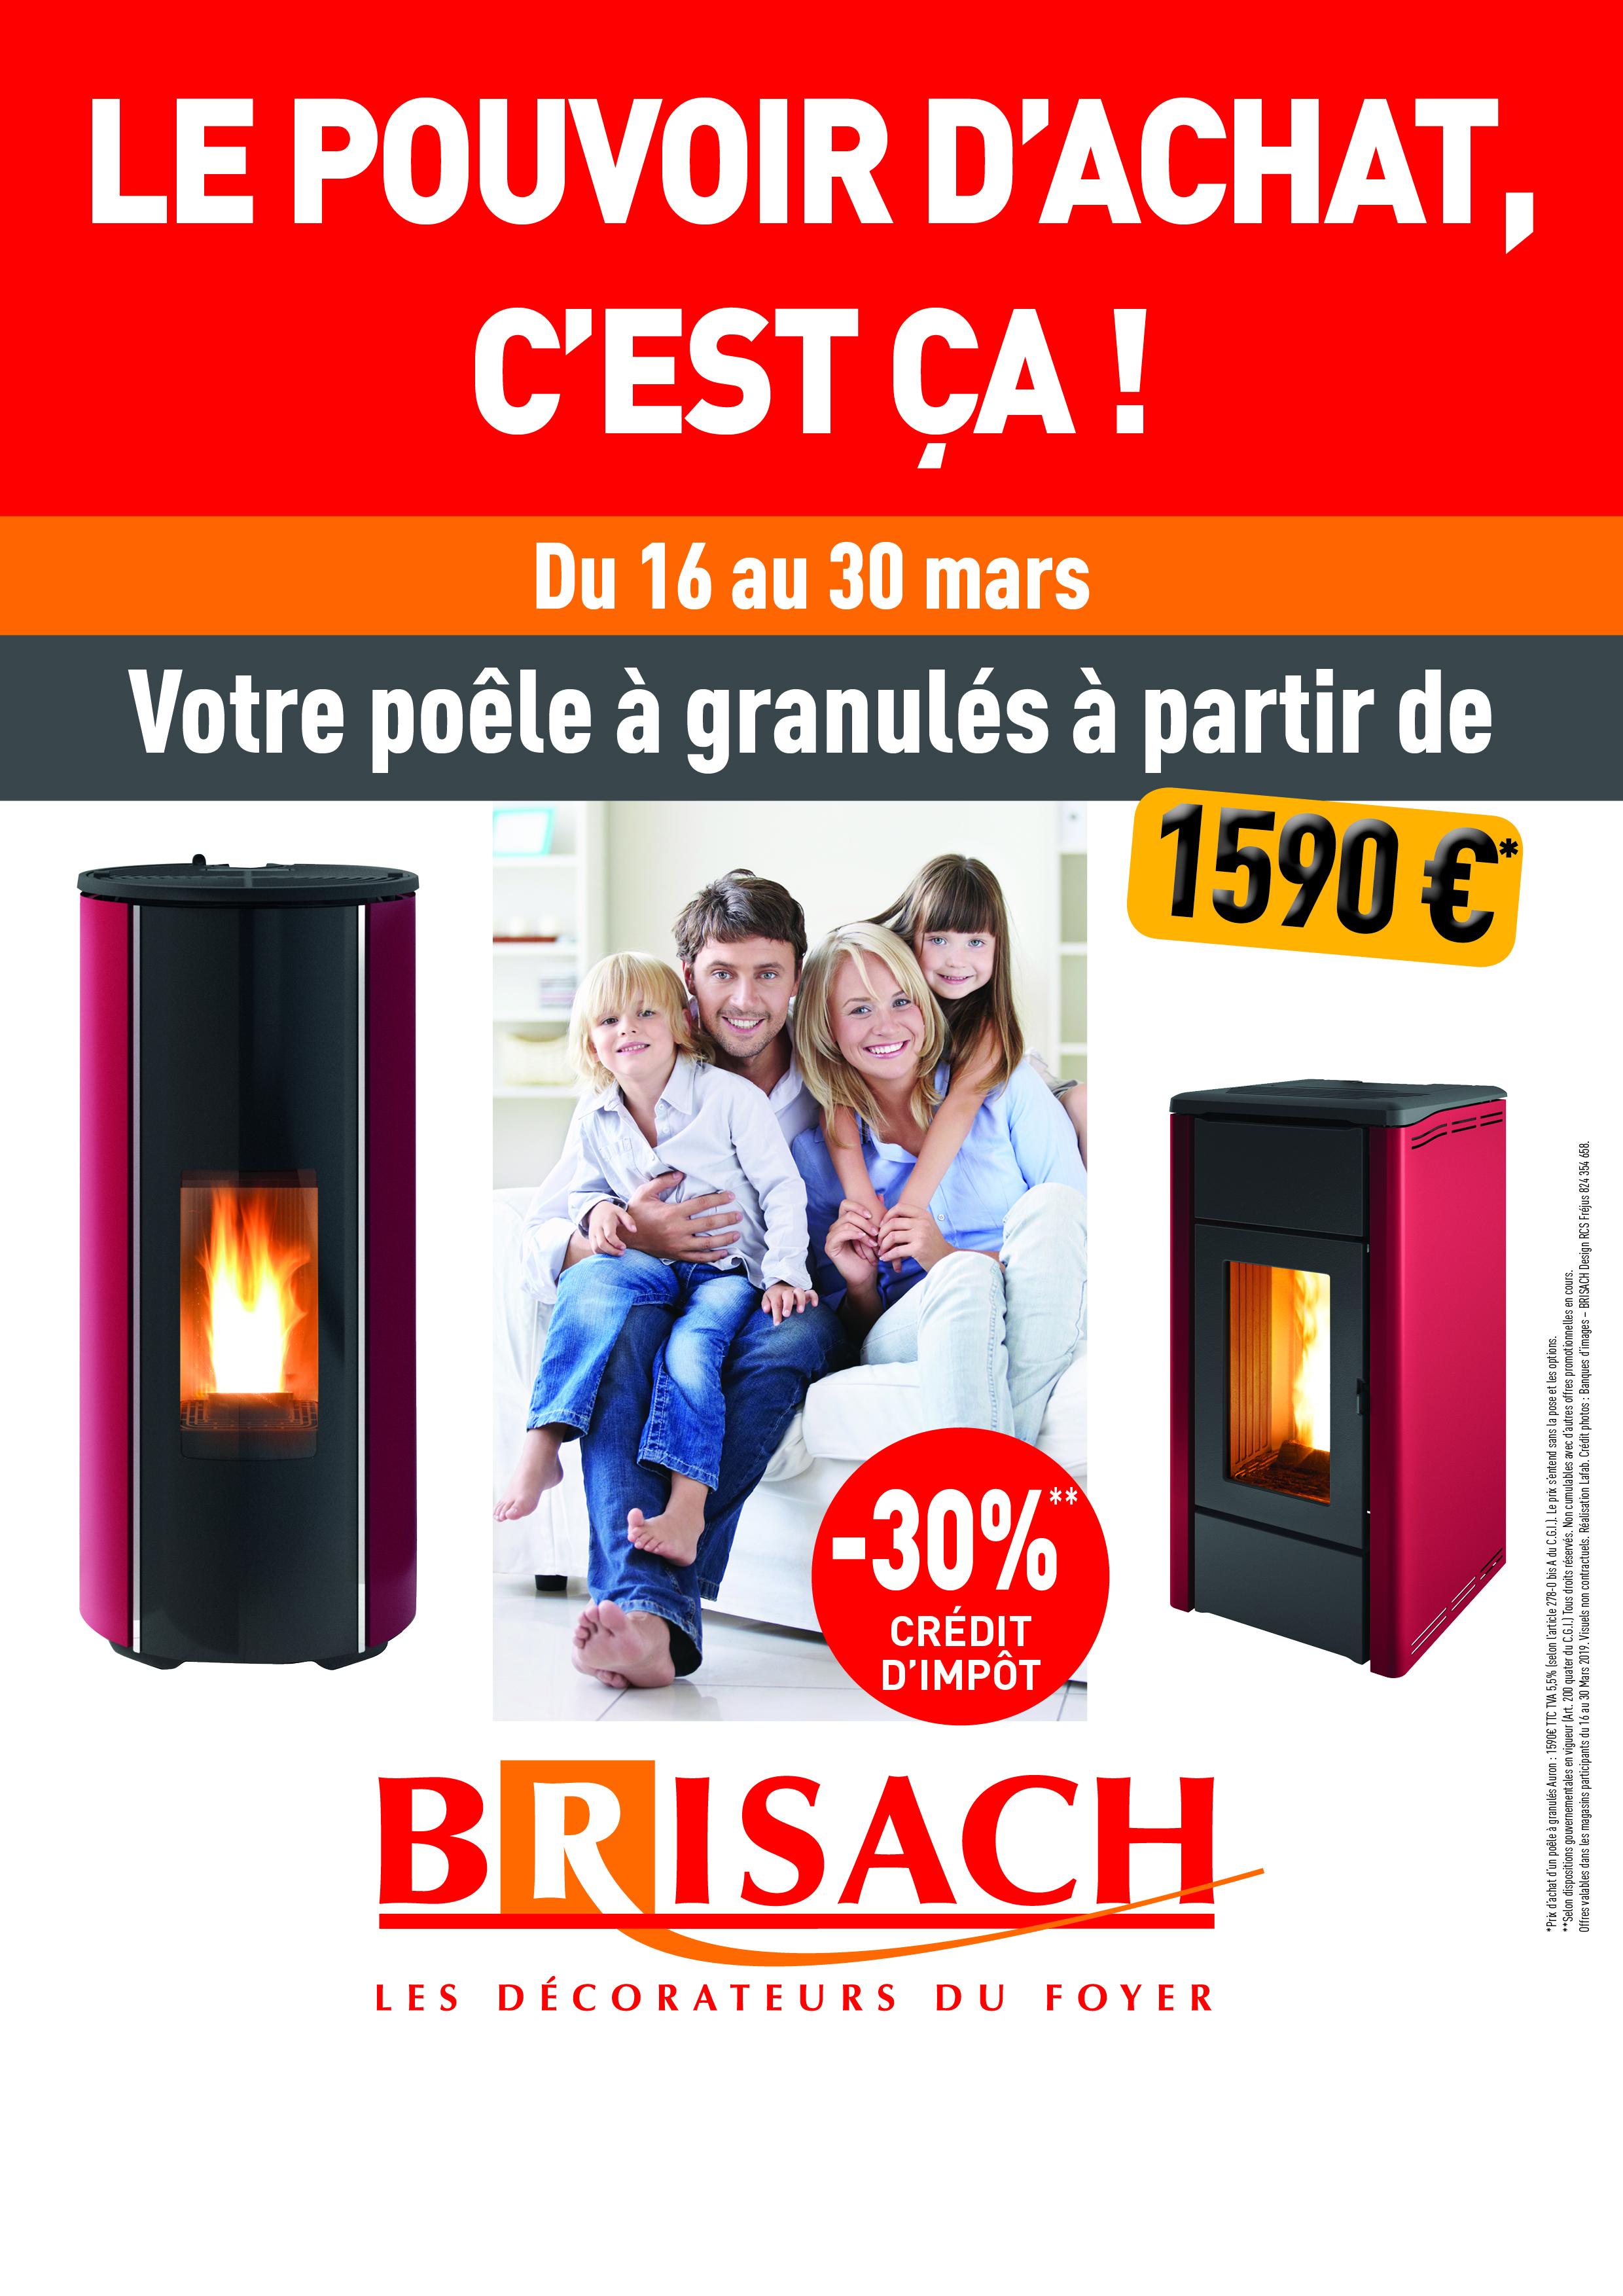 BRISACH relance le pouvoir d'achat